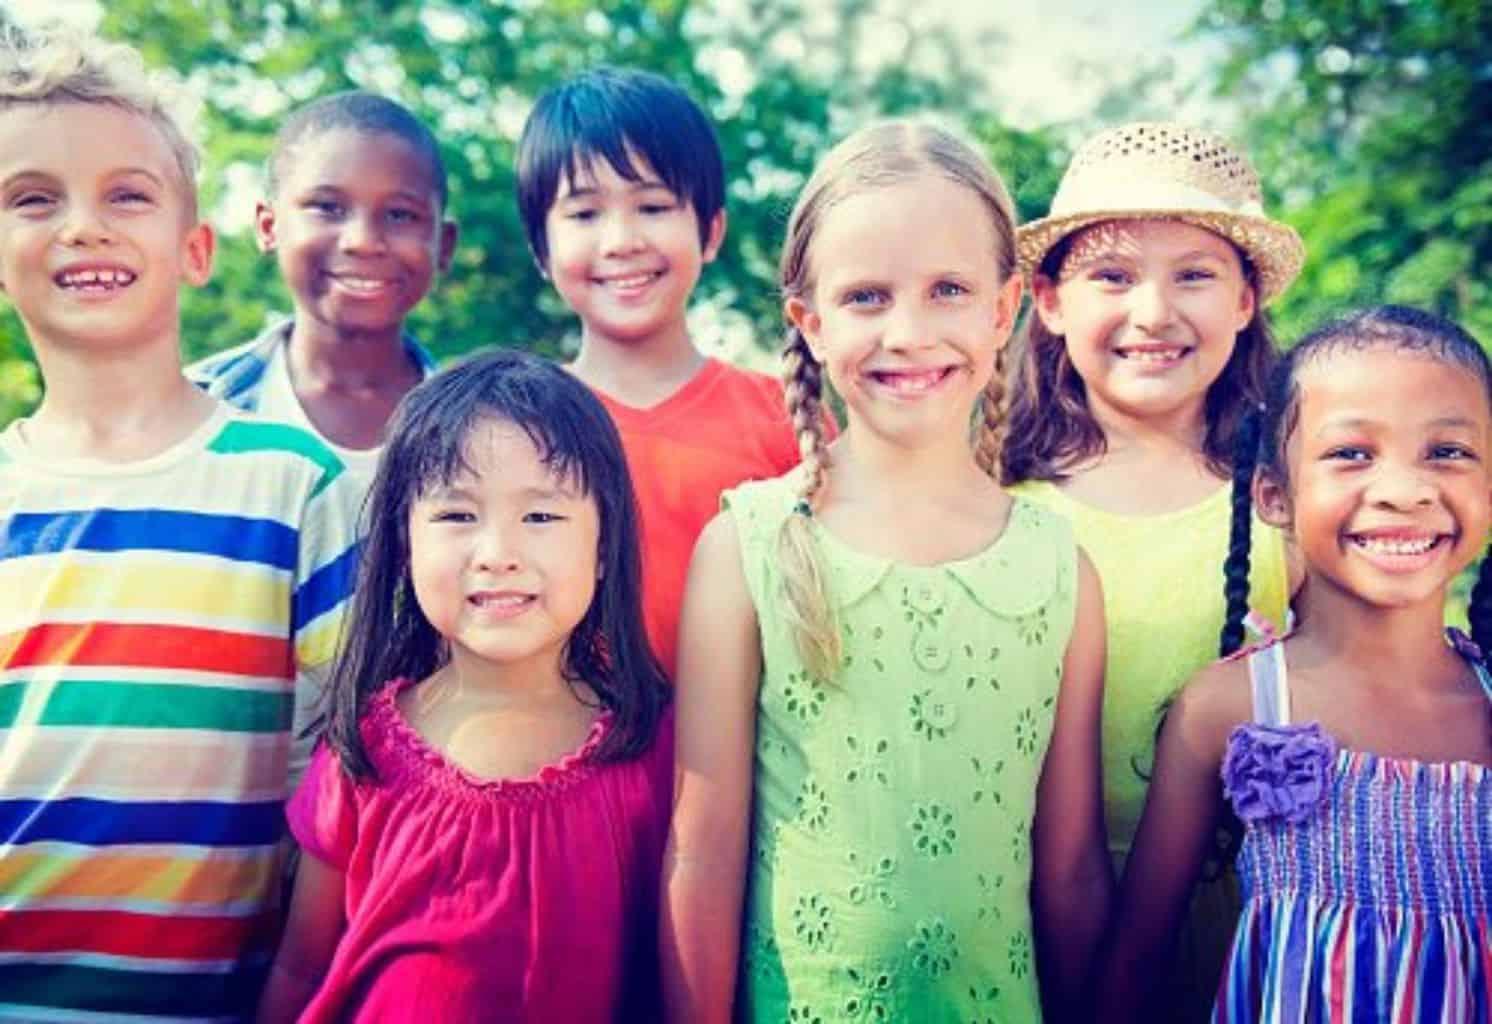 universal children's day, children's day